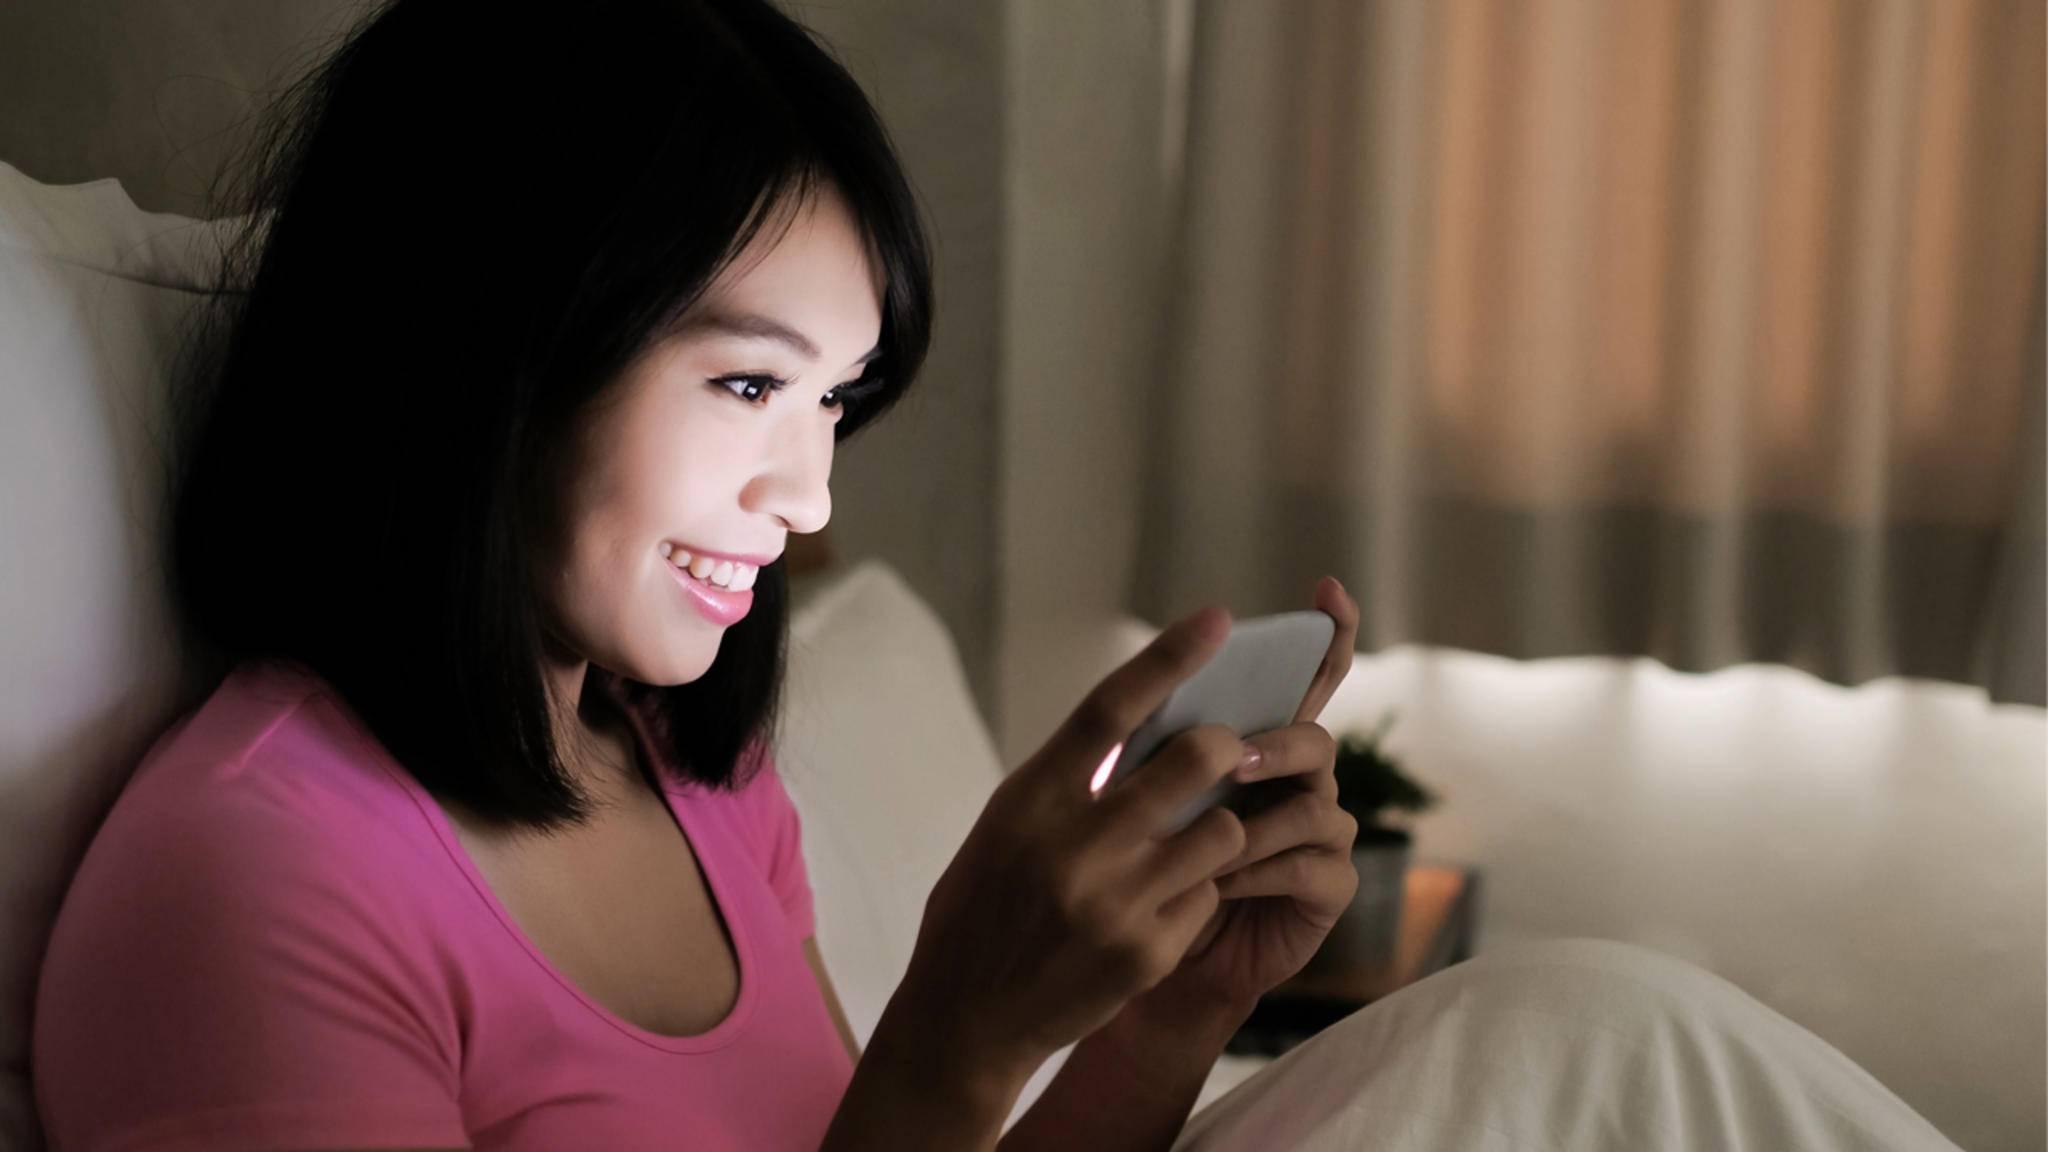 Vor dem Schlafengehen noch einen Gute-Nacht-Gruß bei WhatsApp bekommen – das sorgt für süße Träume!